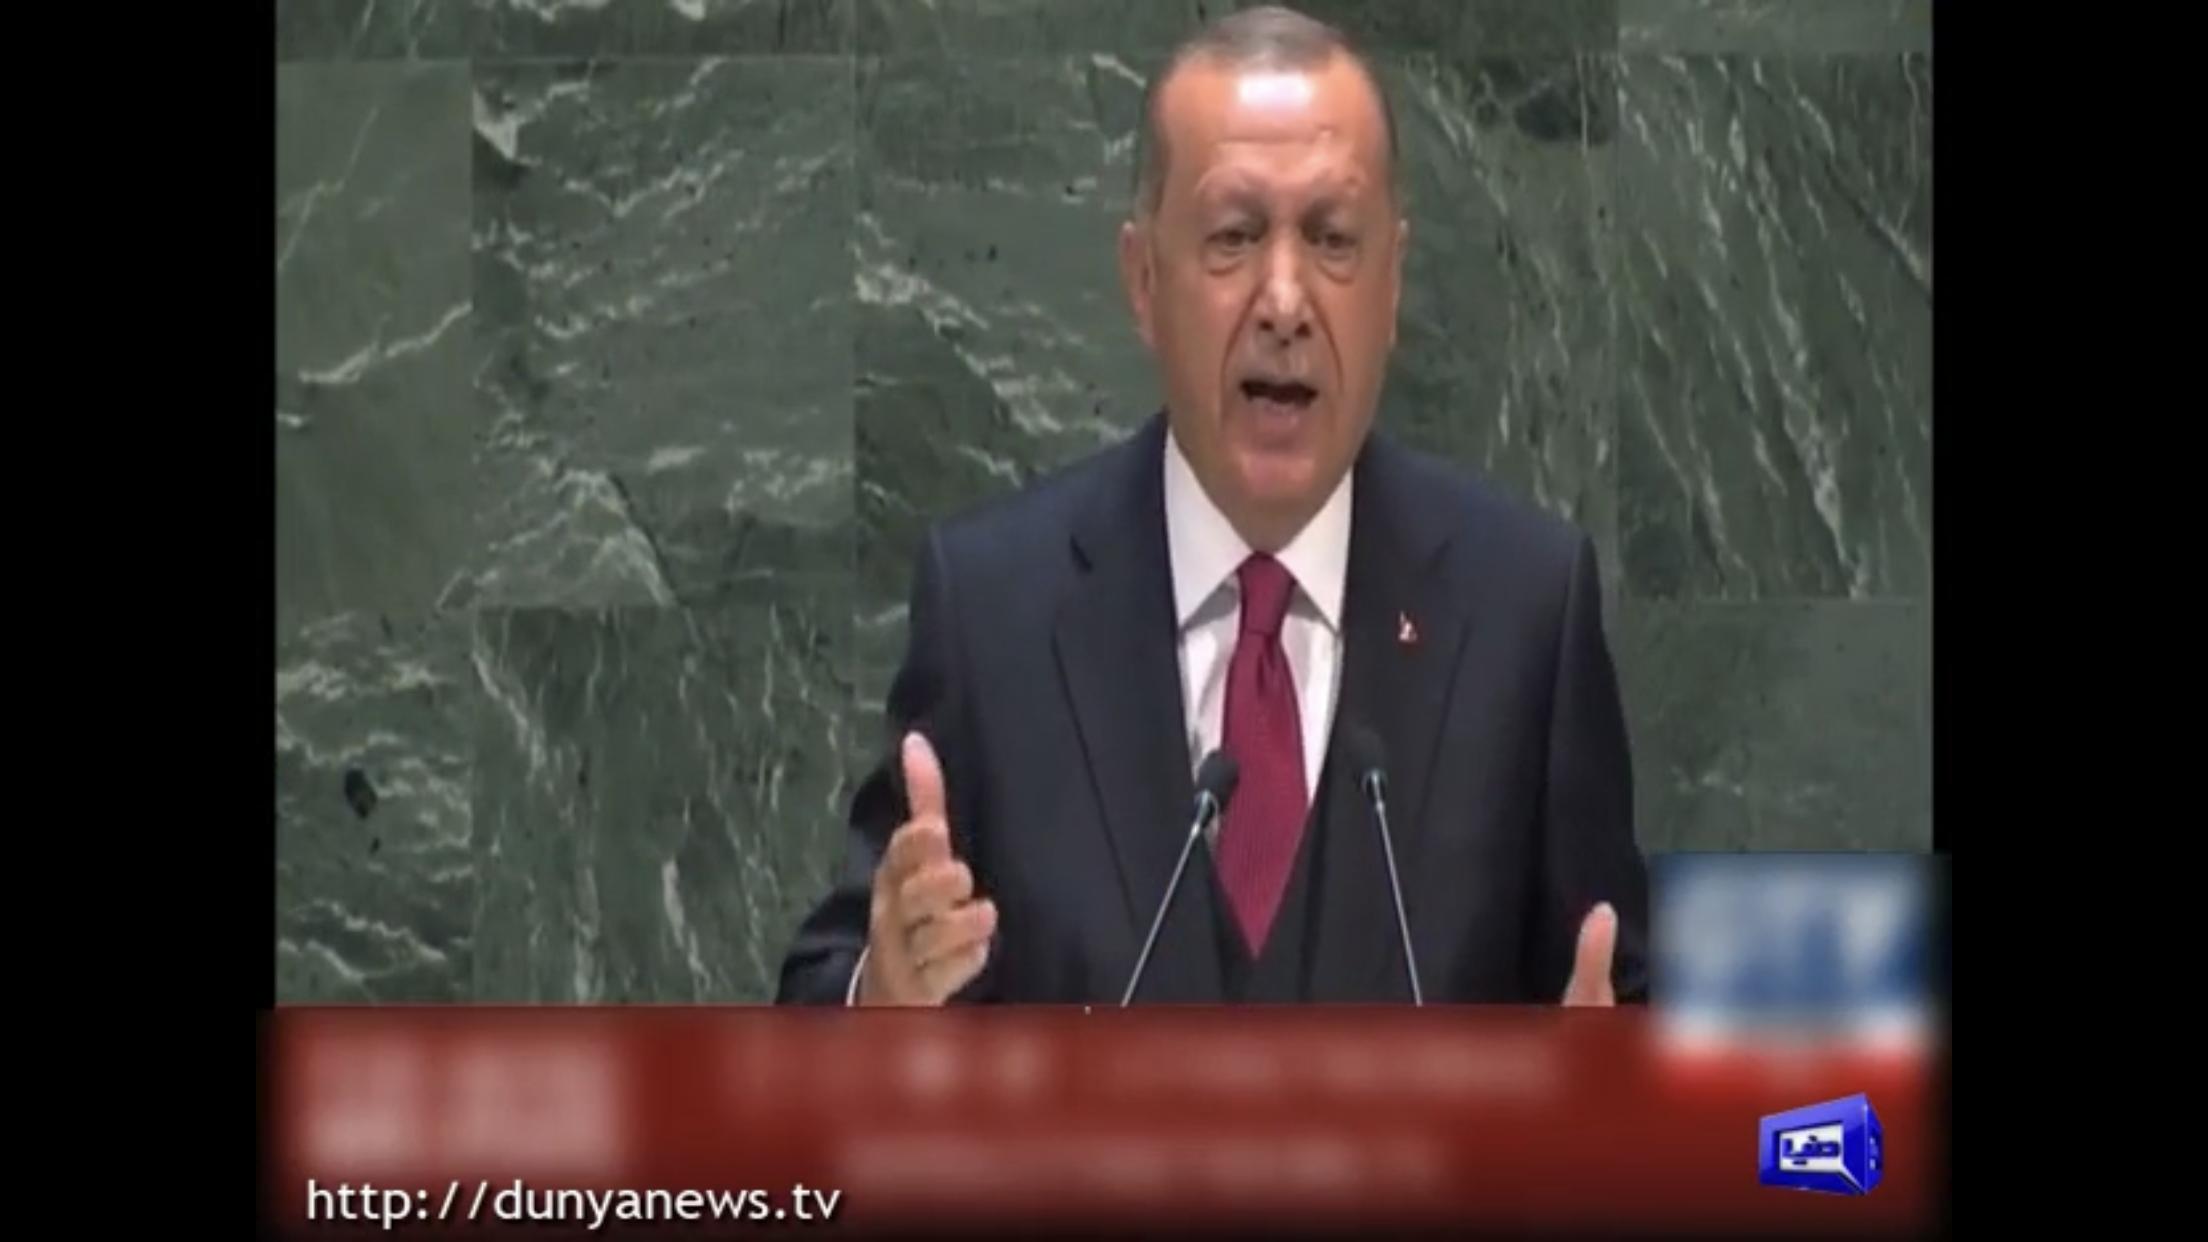 Turkish President Erdogan raises Kashmir issue at UN |